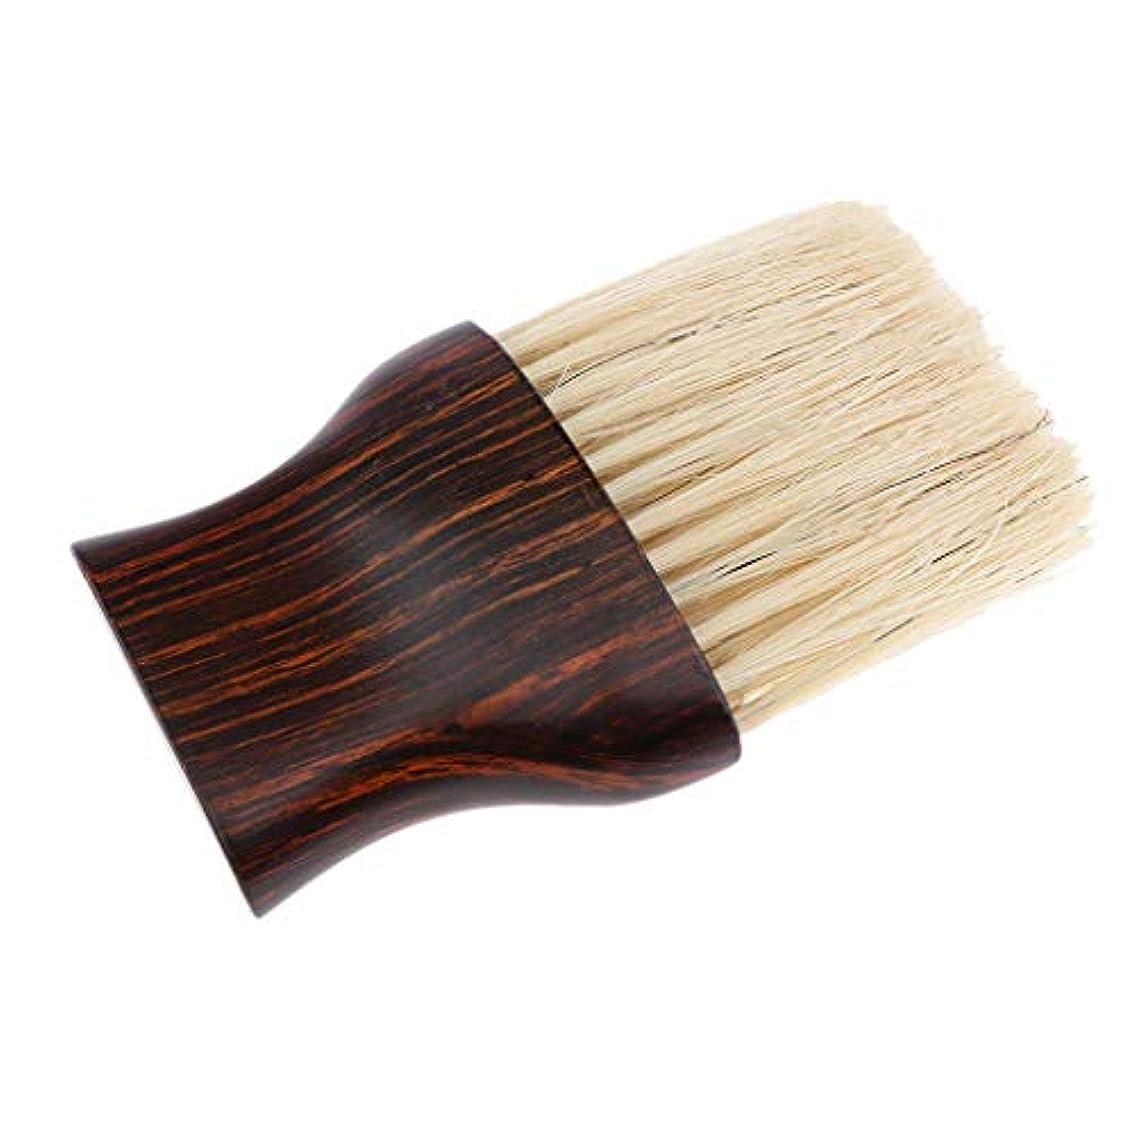 染色ブラウズ応援するネックダスターブラシ ヘアカットブラシ クリーニング ヘアブラシ 理髪美容ツール